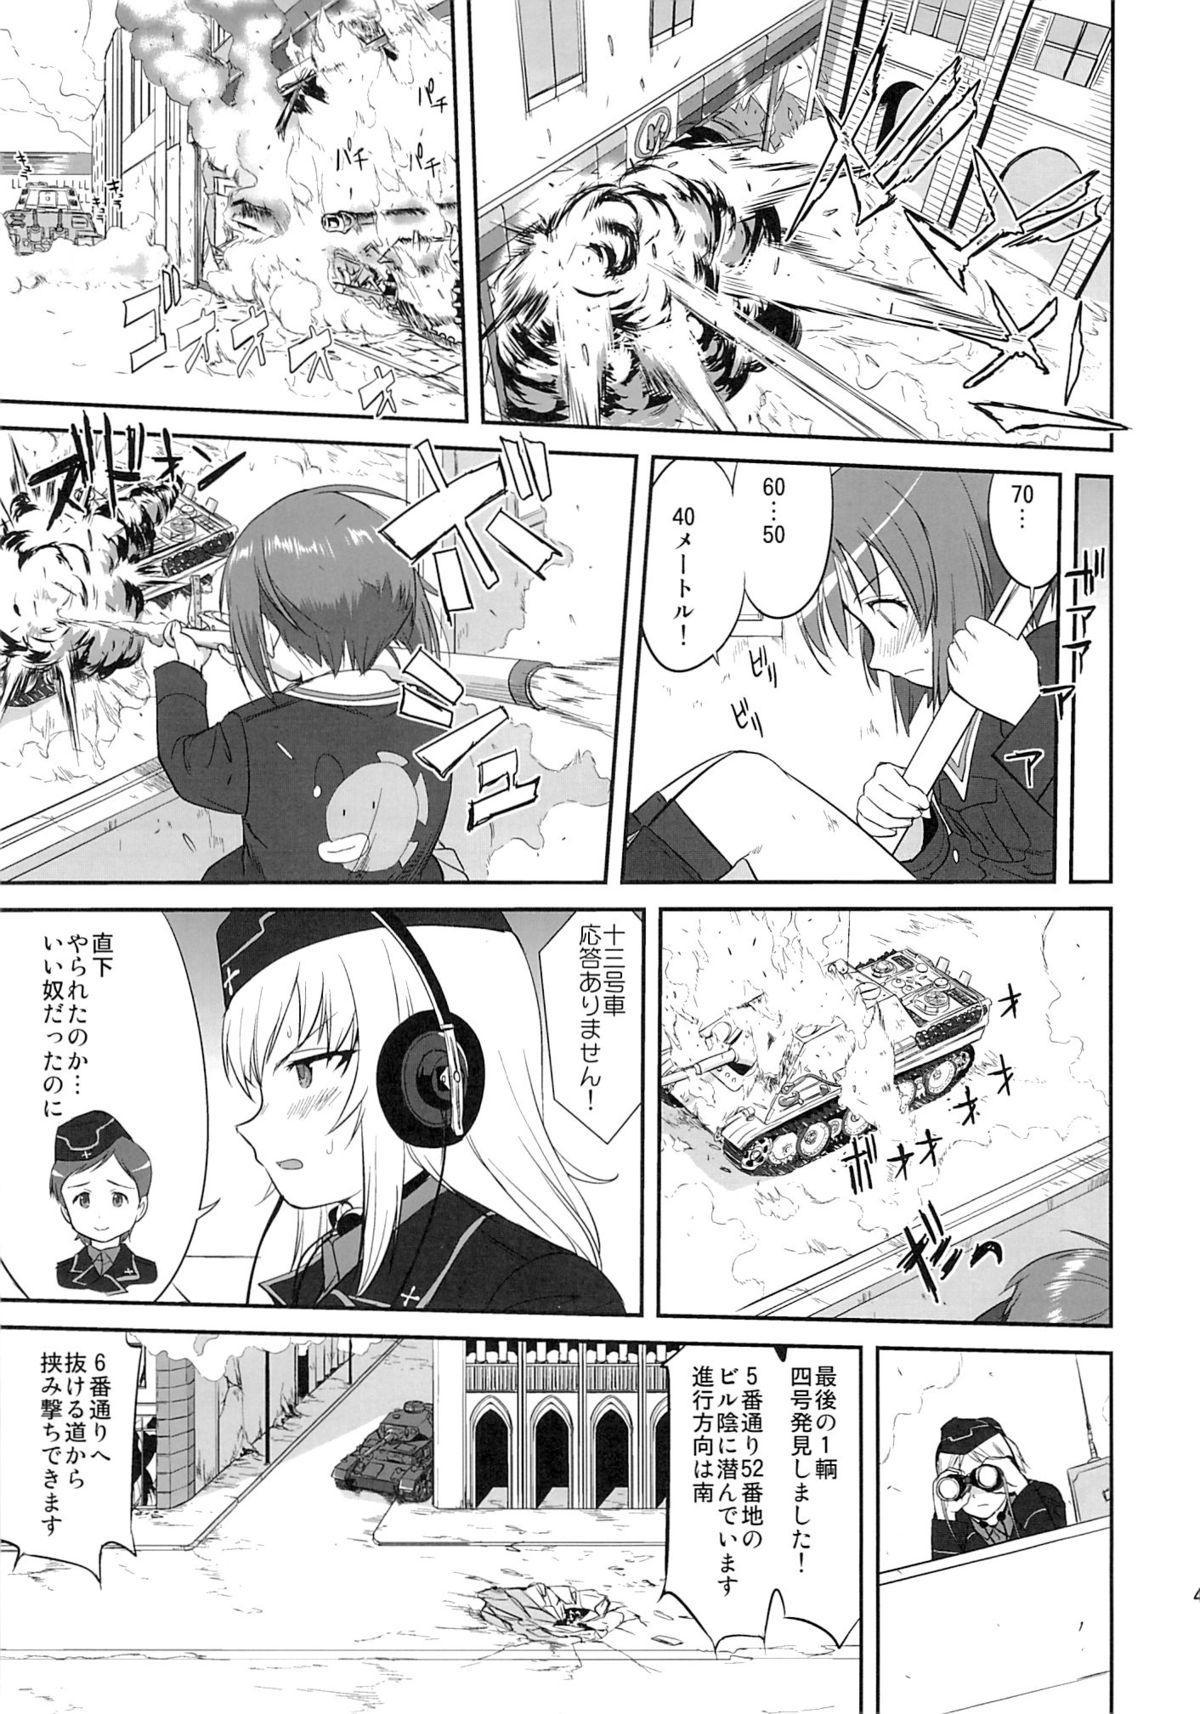 Yukiyukite Senshadou Kuromorimine no Tatakai 43